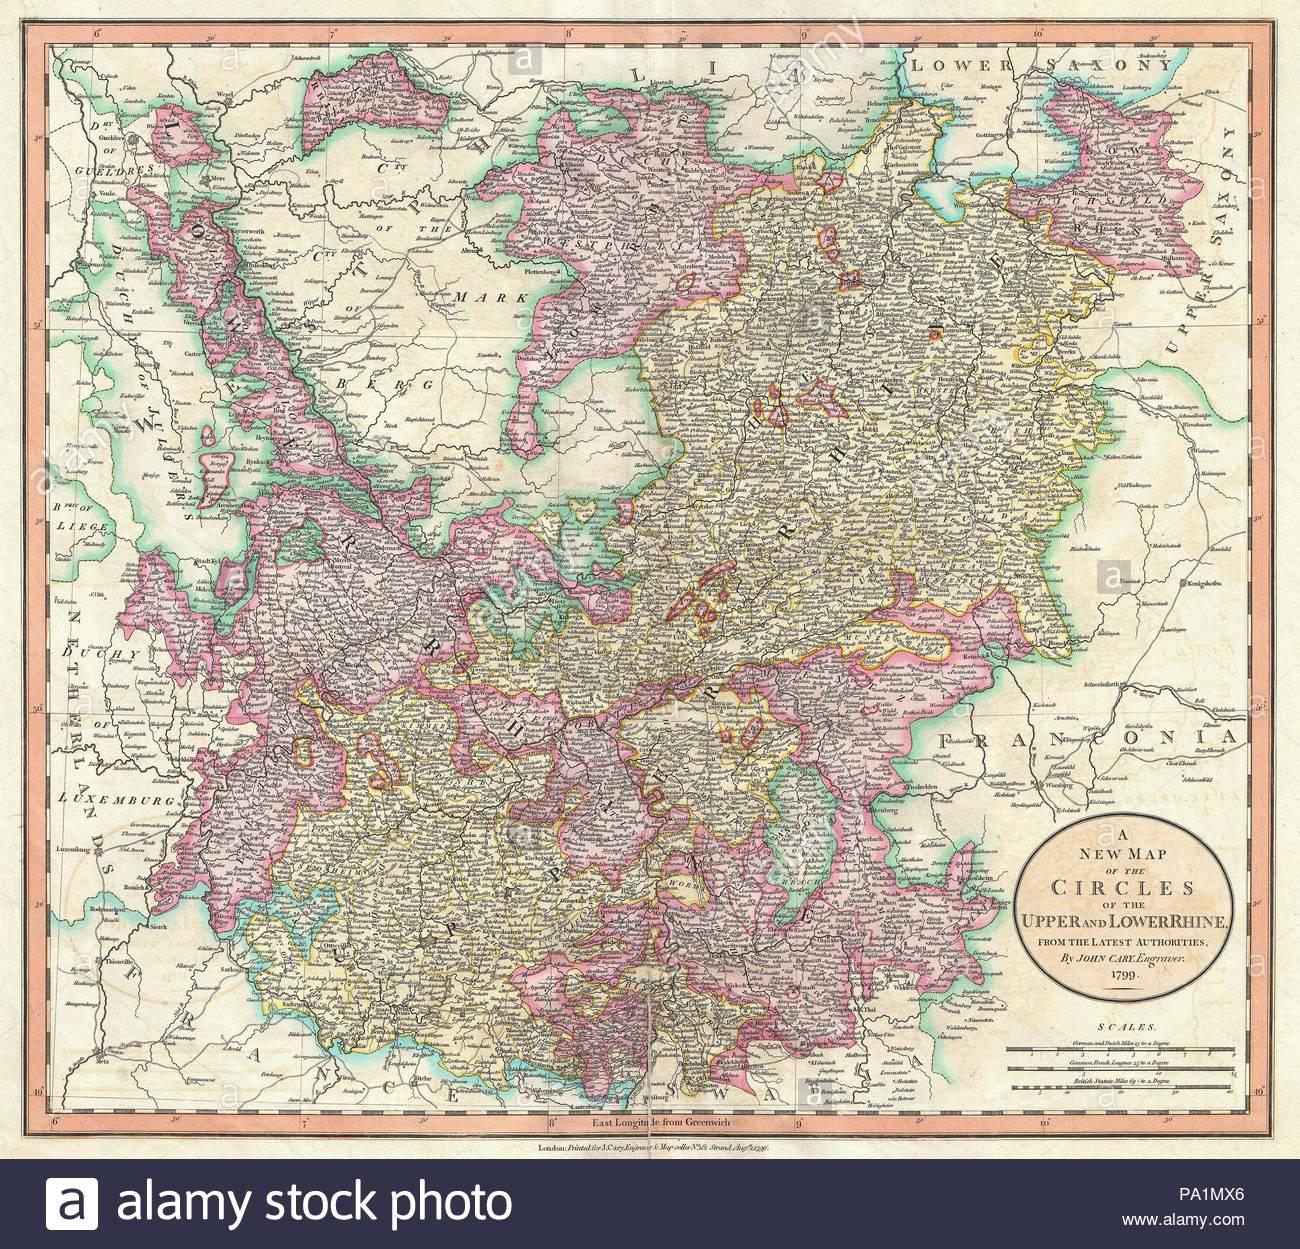 Karte Niederrhein.1799 Cary Karte Von Ober Und Niederrhein John Cary 1754 1835